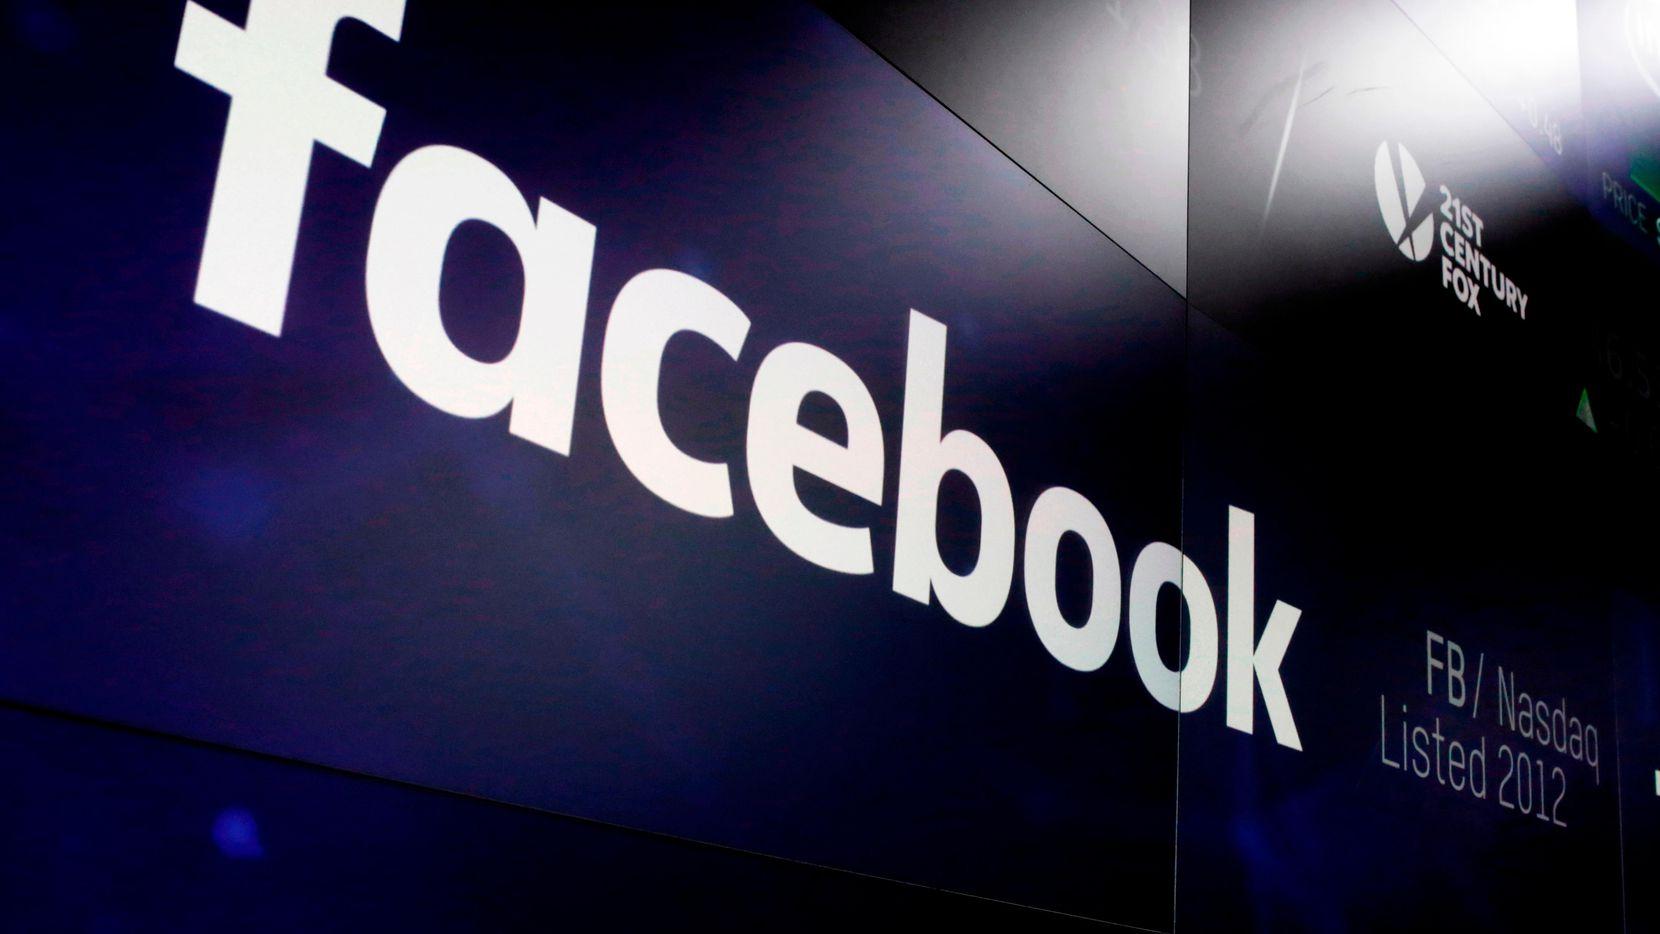 El logotipo de la red social Facebook. (AP/Richard Drew)